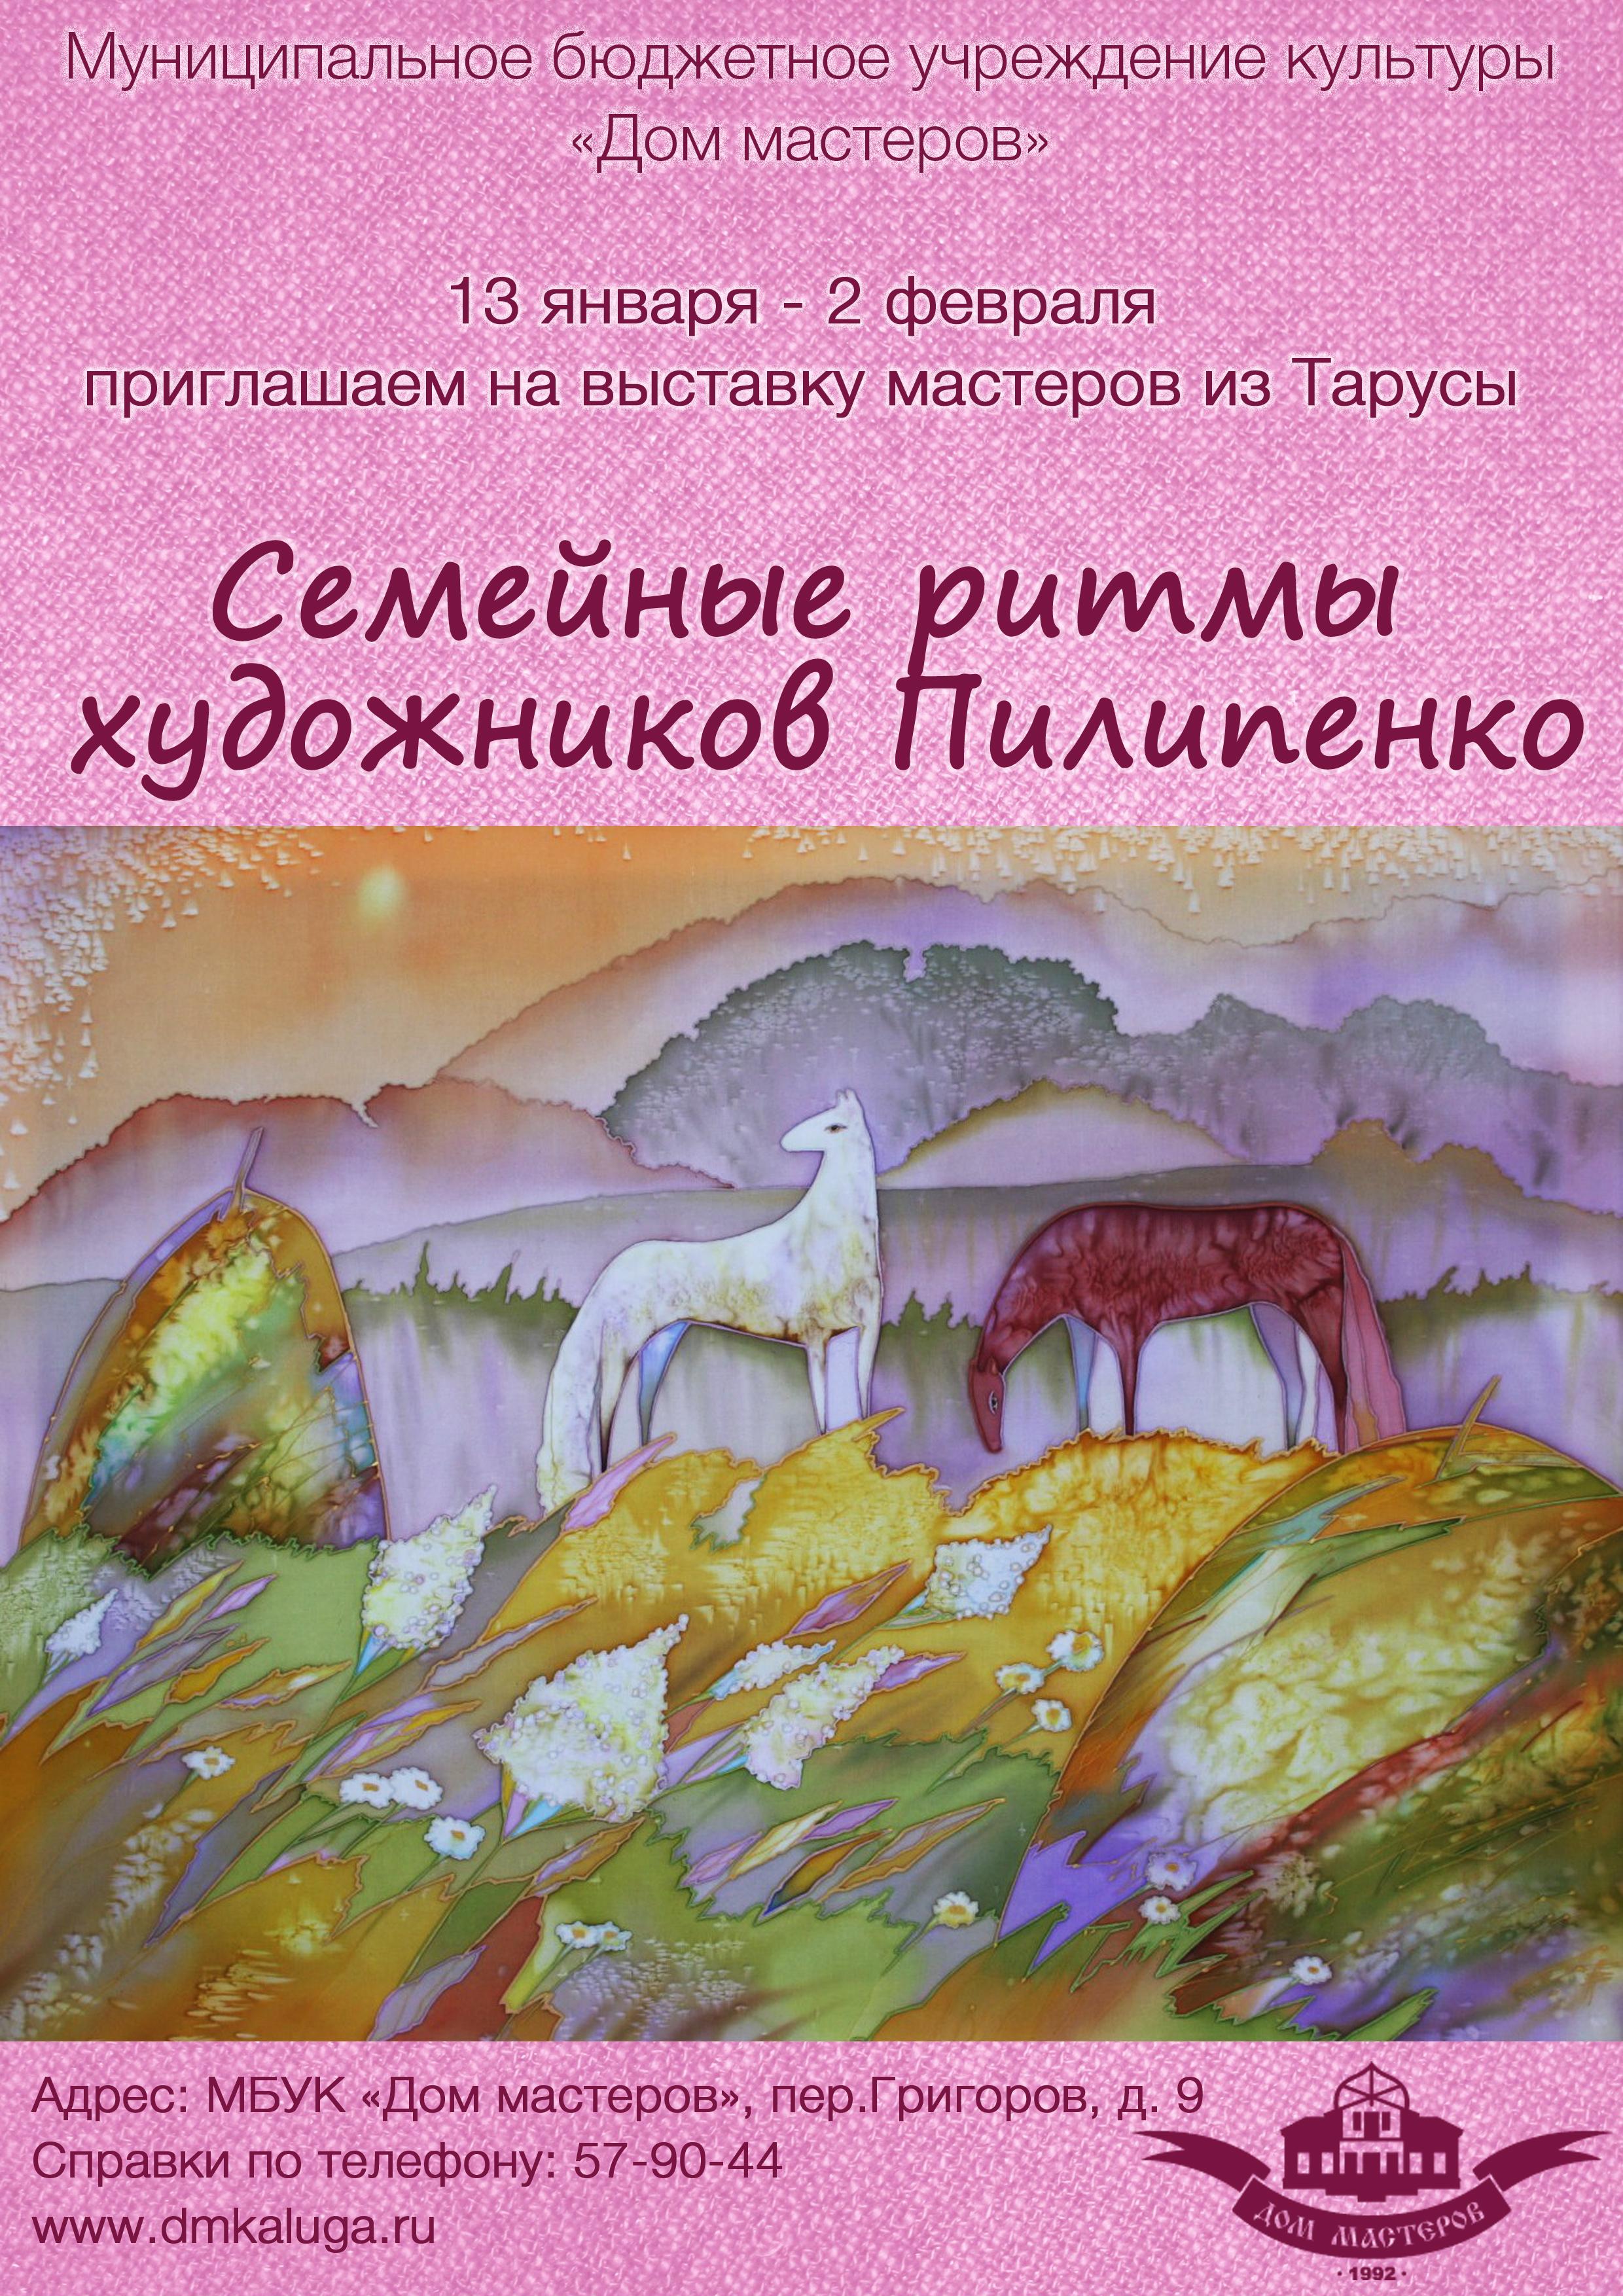 Выставка семьи мастеров из Тарусы «Семейные ритмы художников Пилипенко» в Доме мастеров